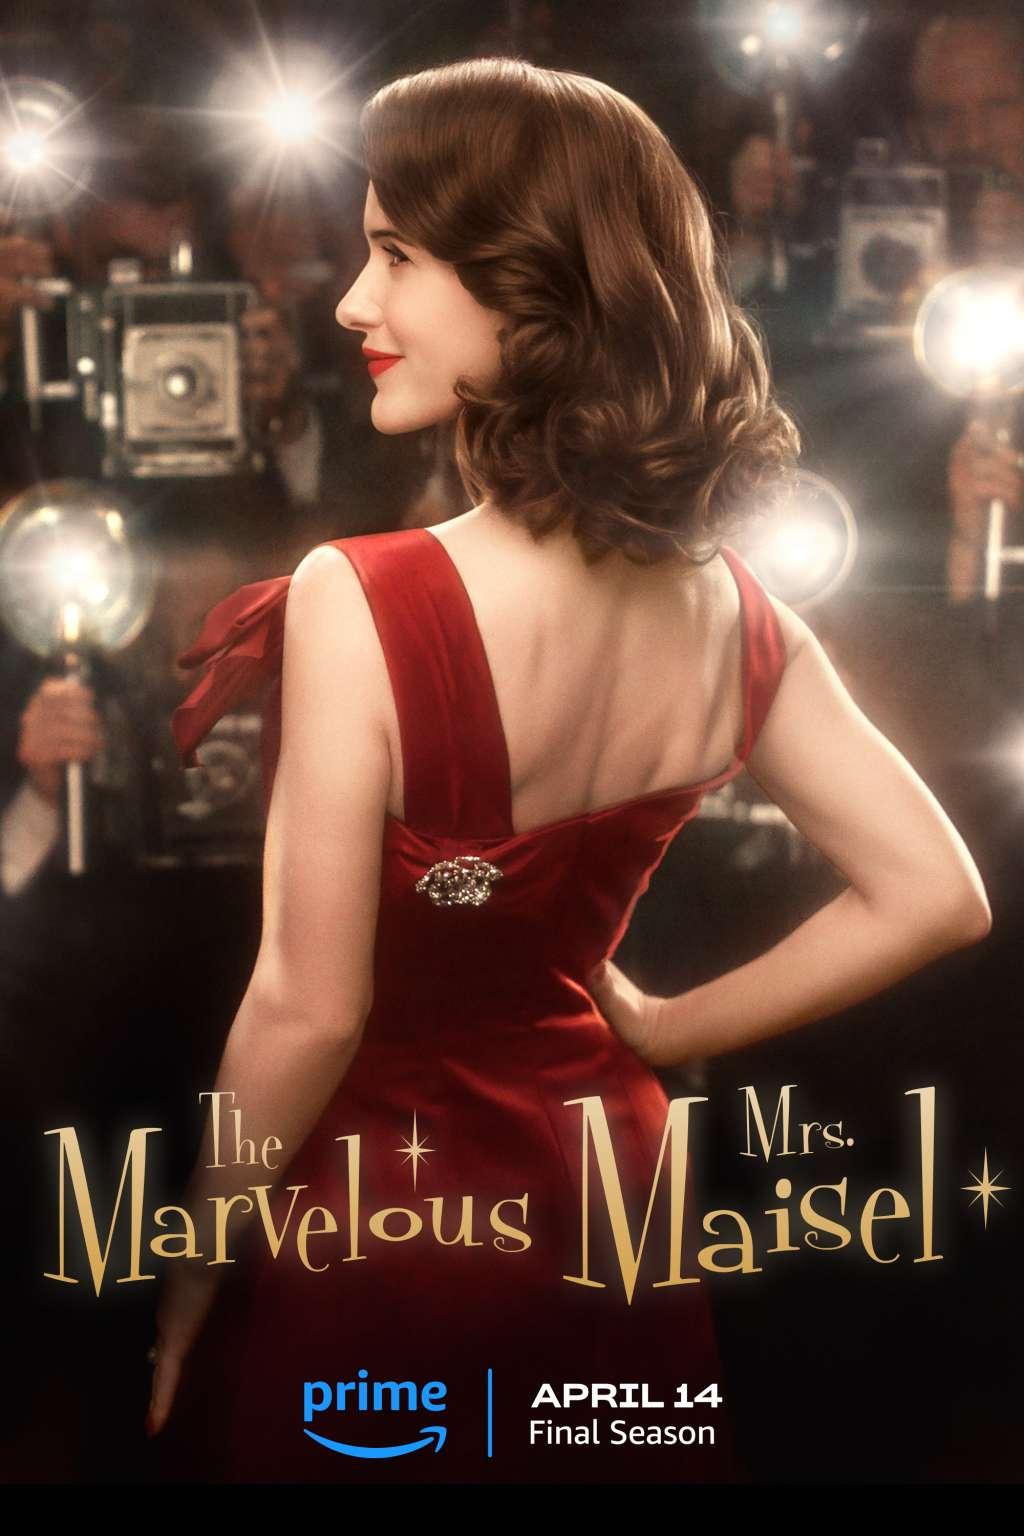 The Marvelous Mrs. Maisel kapak